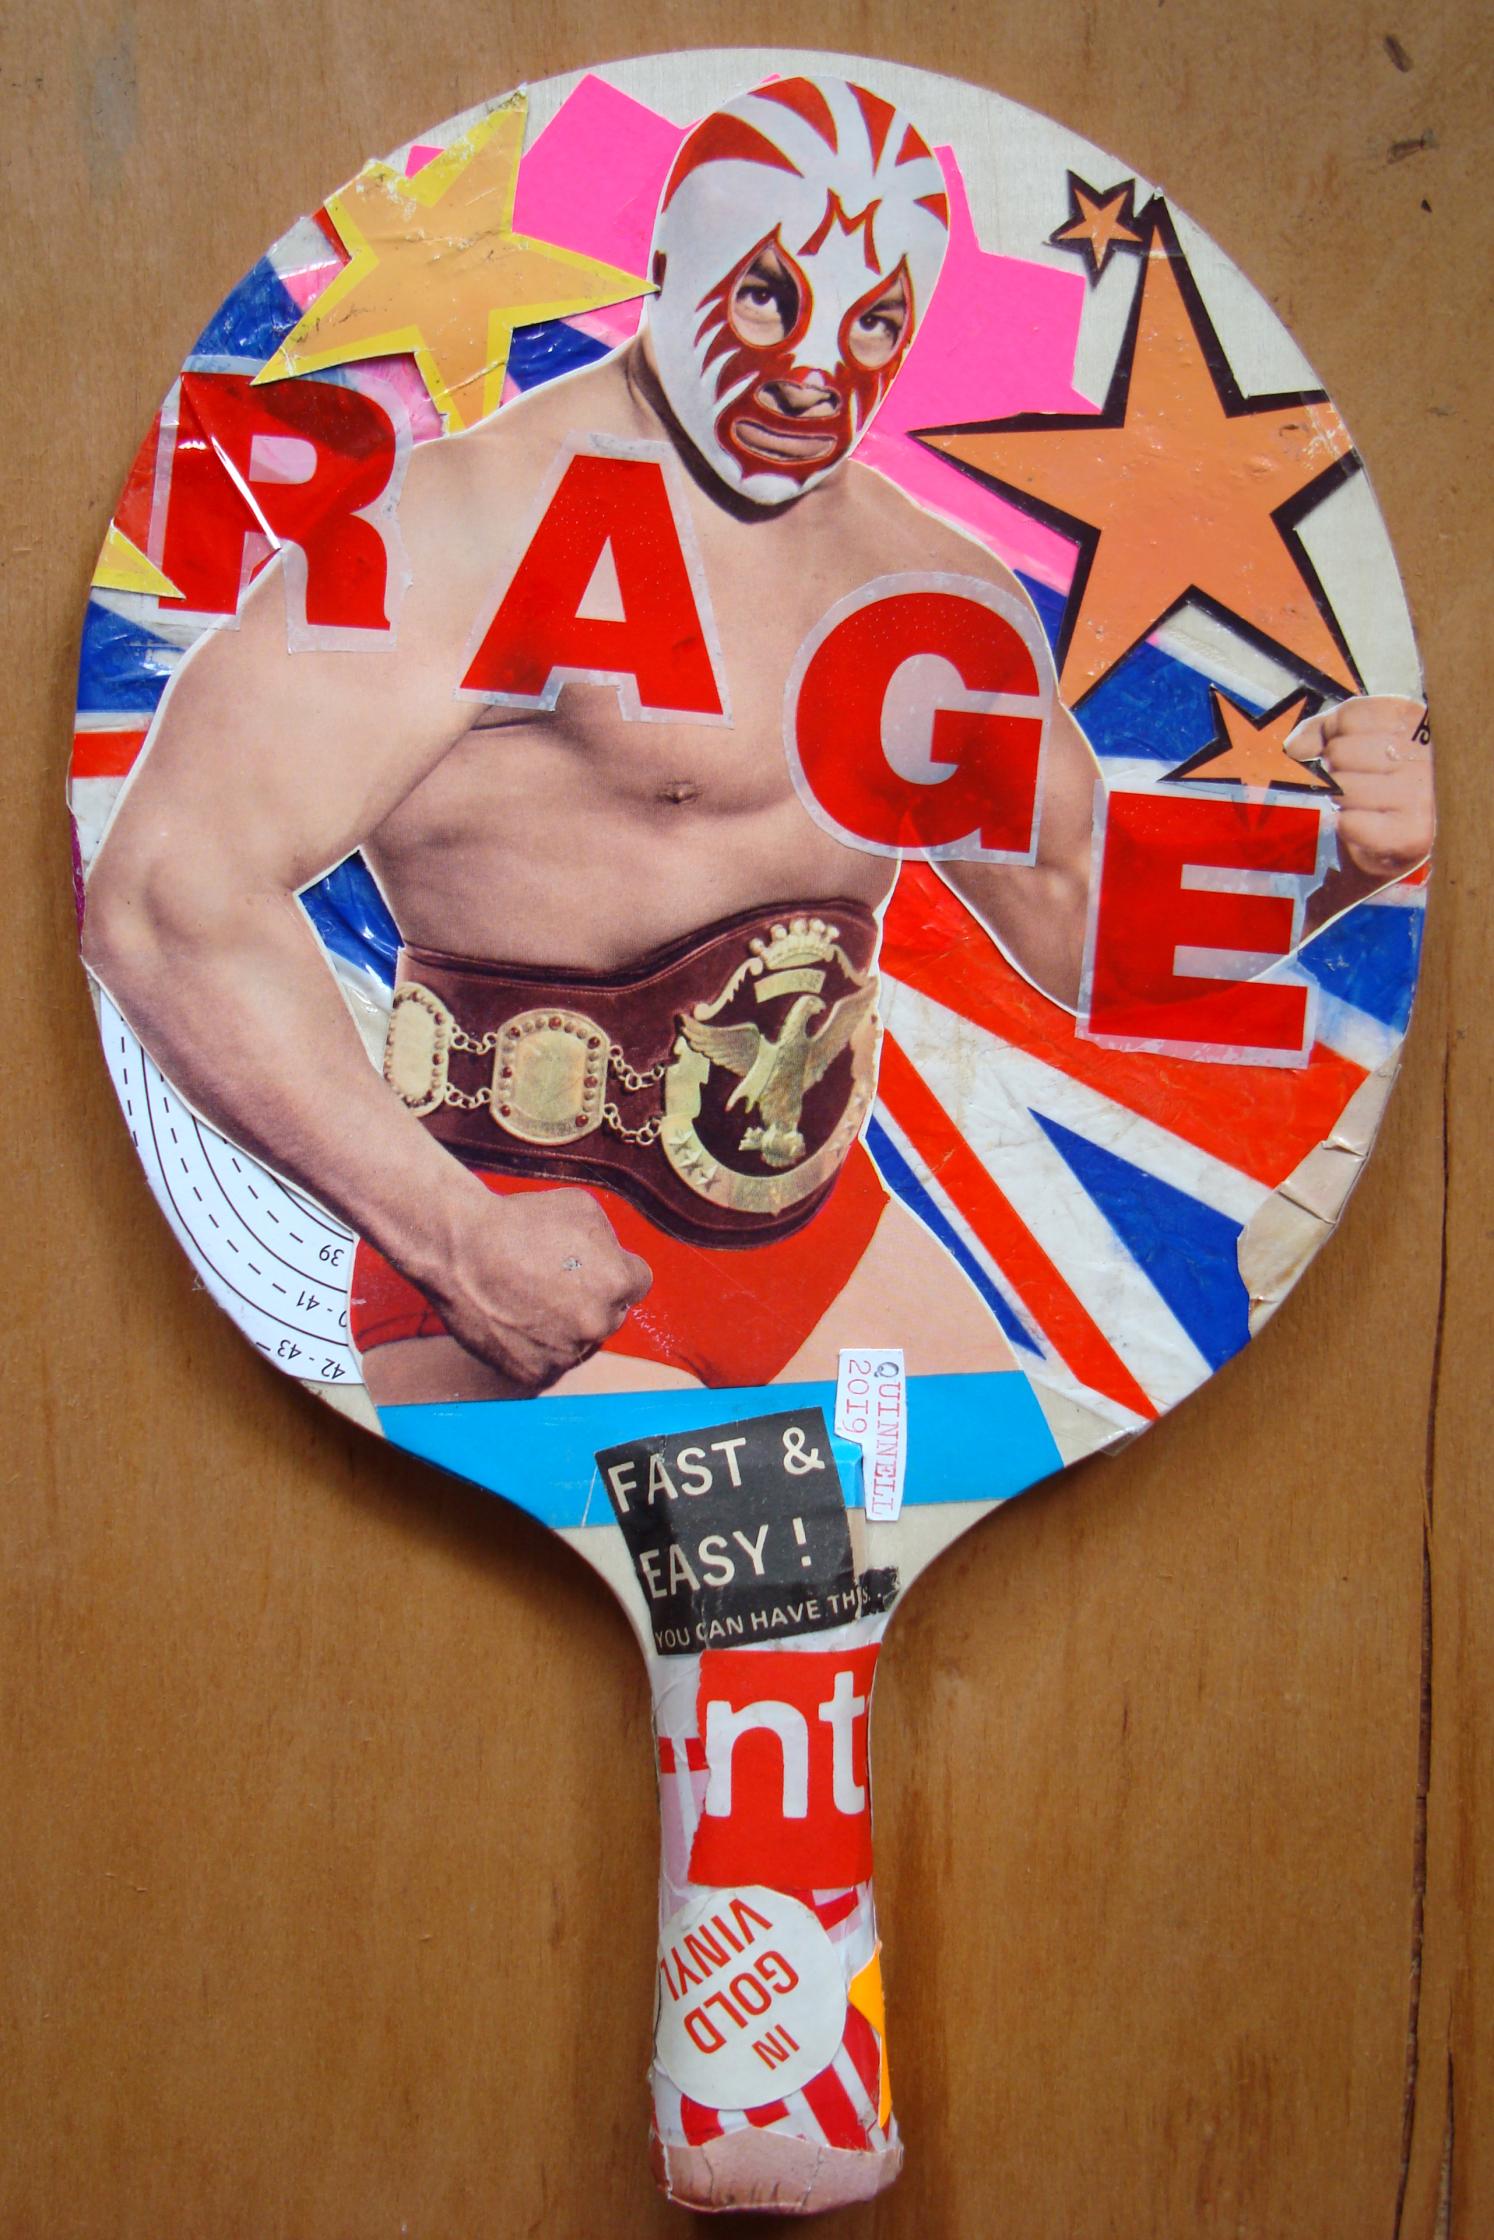 Art of Ping Pong bat side 1.jpg